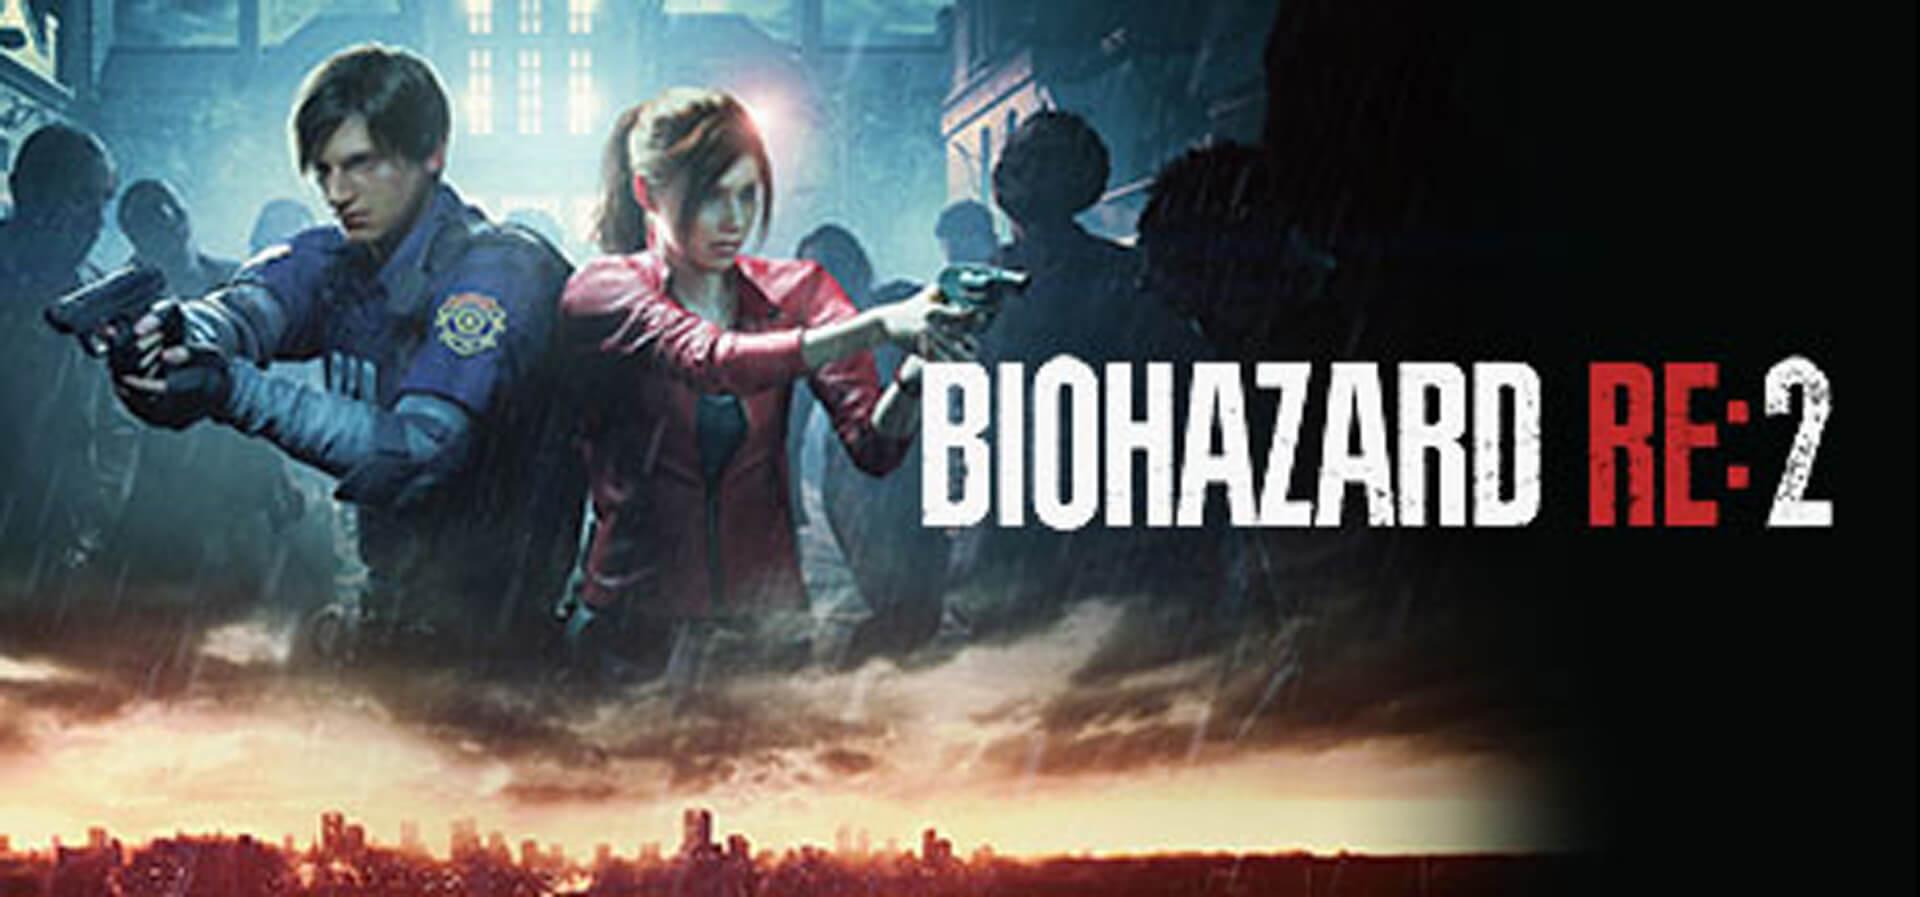 biohazard-re2-banner